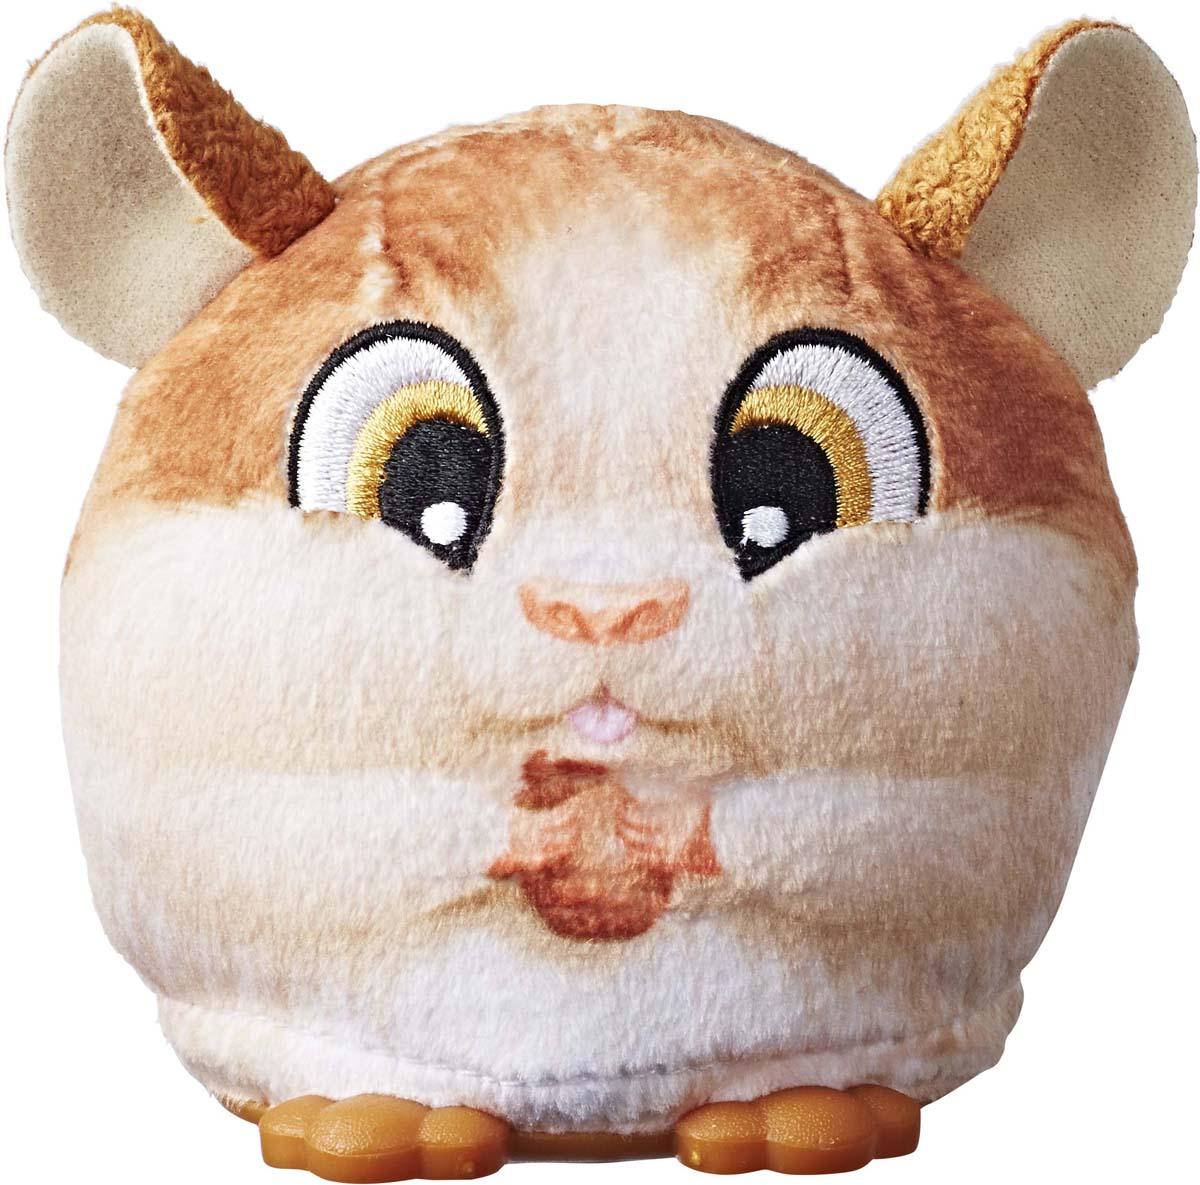 Интерактивная игрушка FurReal Friends Плюшевый друг Хомячок, E0783_E0942 furreal friends интерактивная игрушка пушистый друг щенок голди